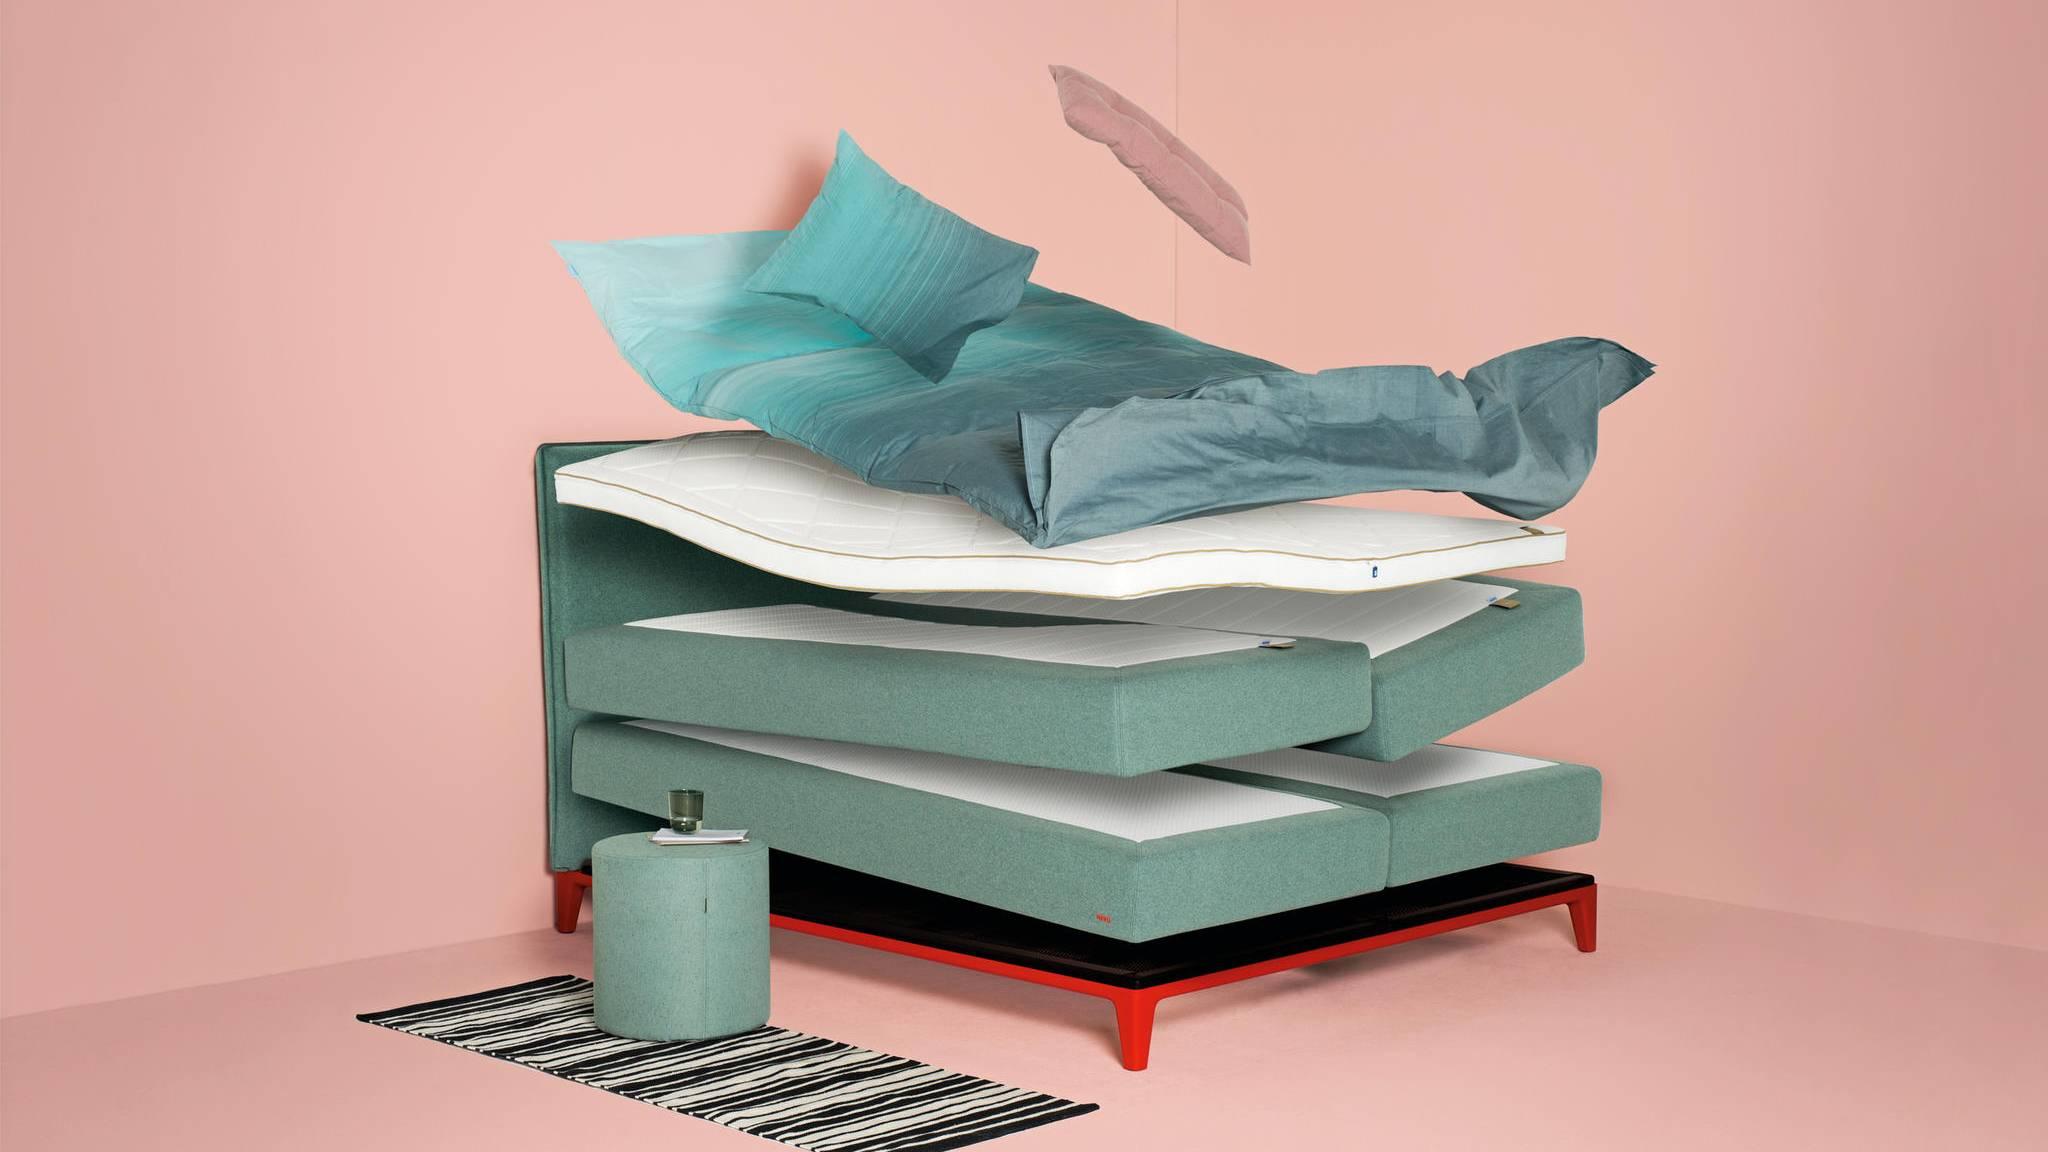 Full Size of Betten Test Was Sie Beim Bettenkauf Beachten Sollten Sternde Schöne Günstig Kaufen 200x220 Jabo Ausgefallene Amazon 180x200 Für übergewichtige Hamburg Bett Schöne Betten